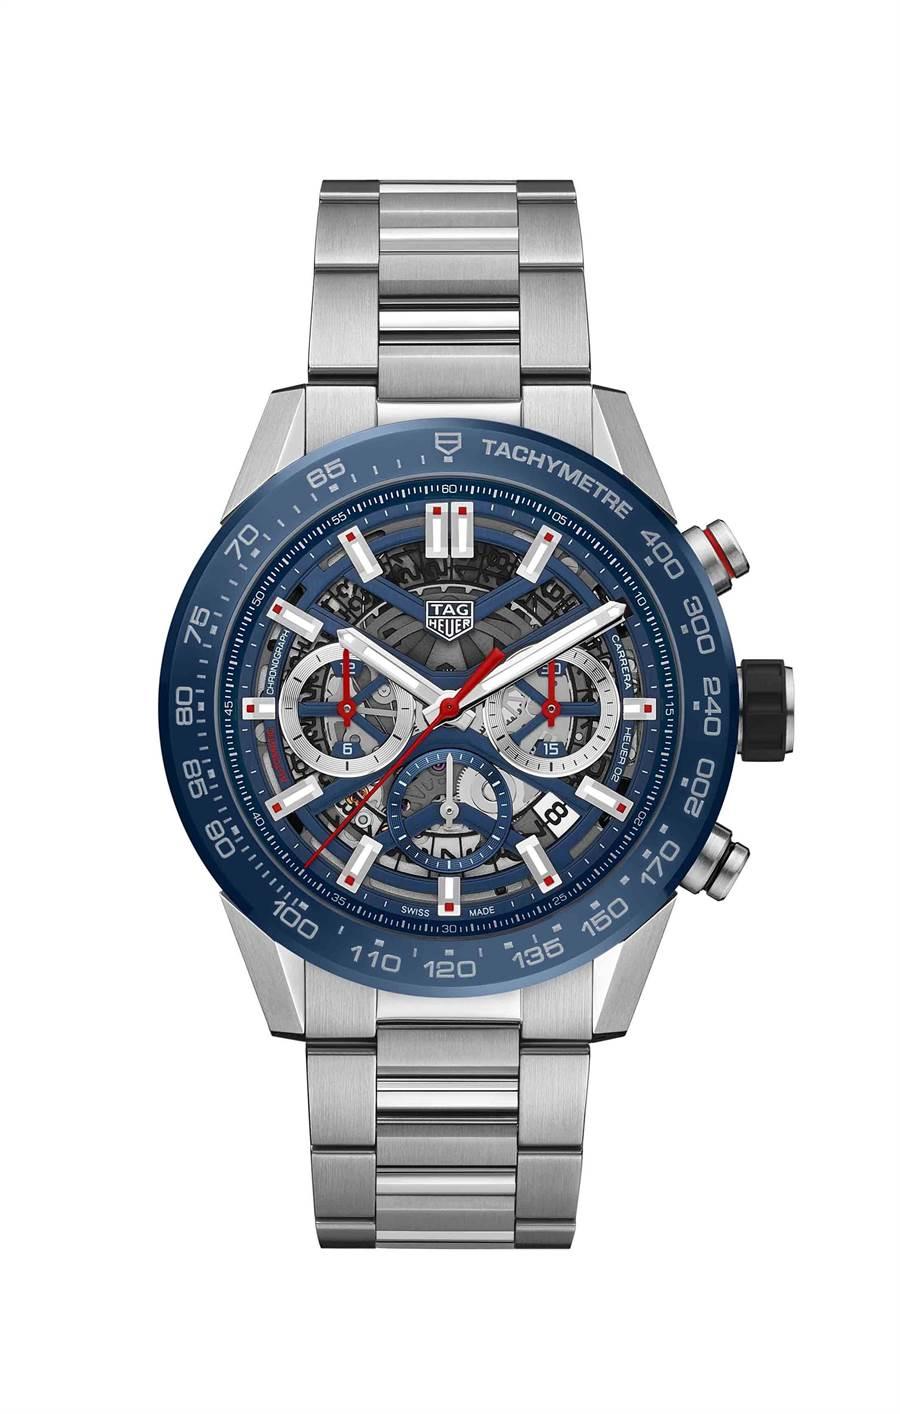 泰格豪雅Carrera Heuer 02精鋼計時腕表,藍色陶瓷表圈,18萬1700元。(TAG Heuer提供)